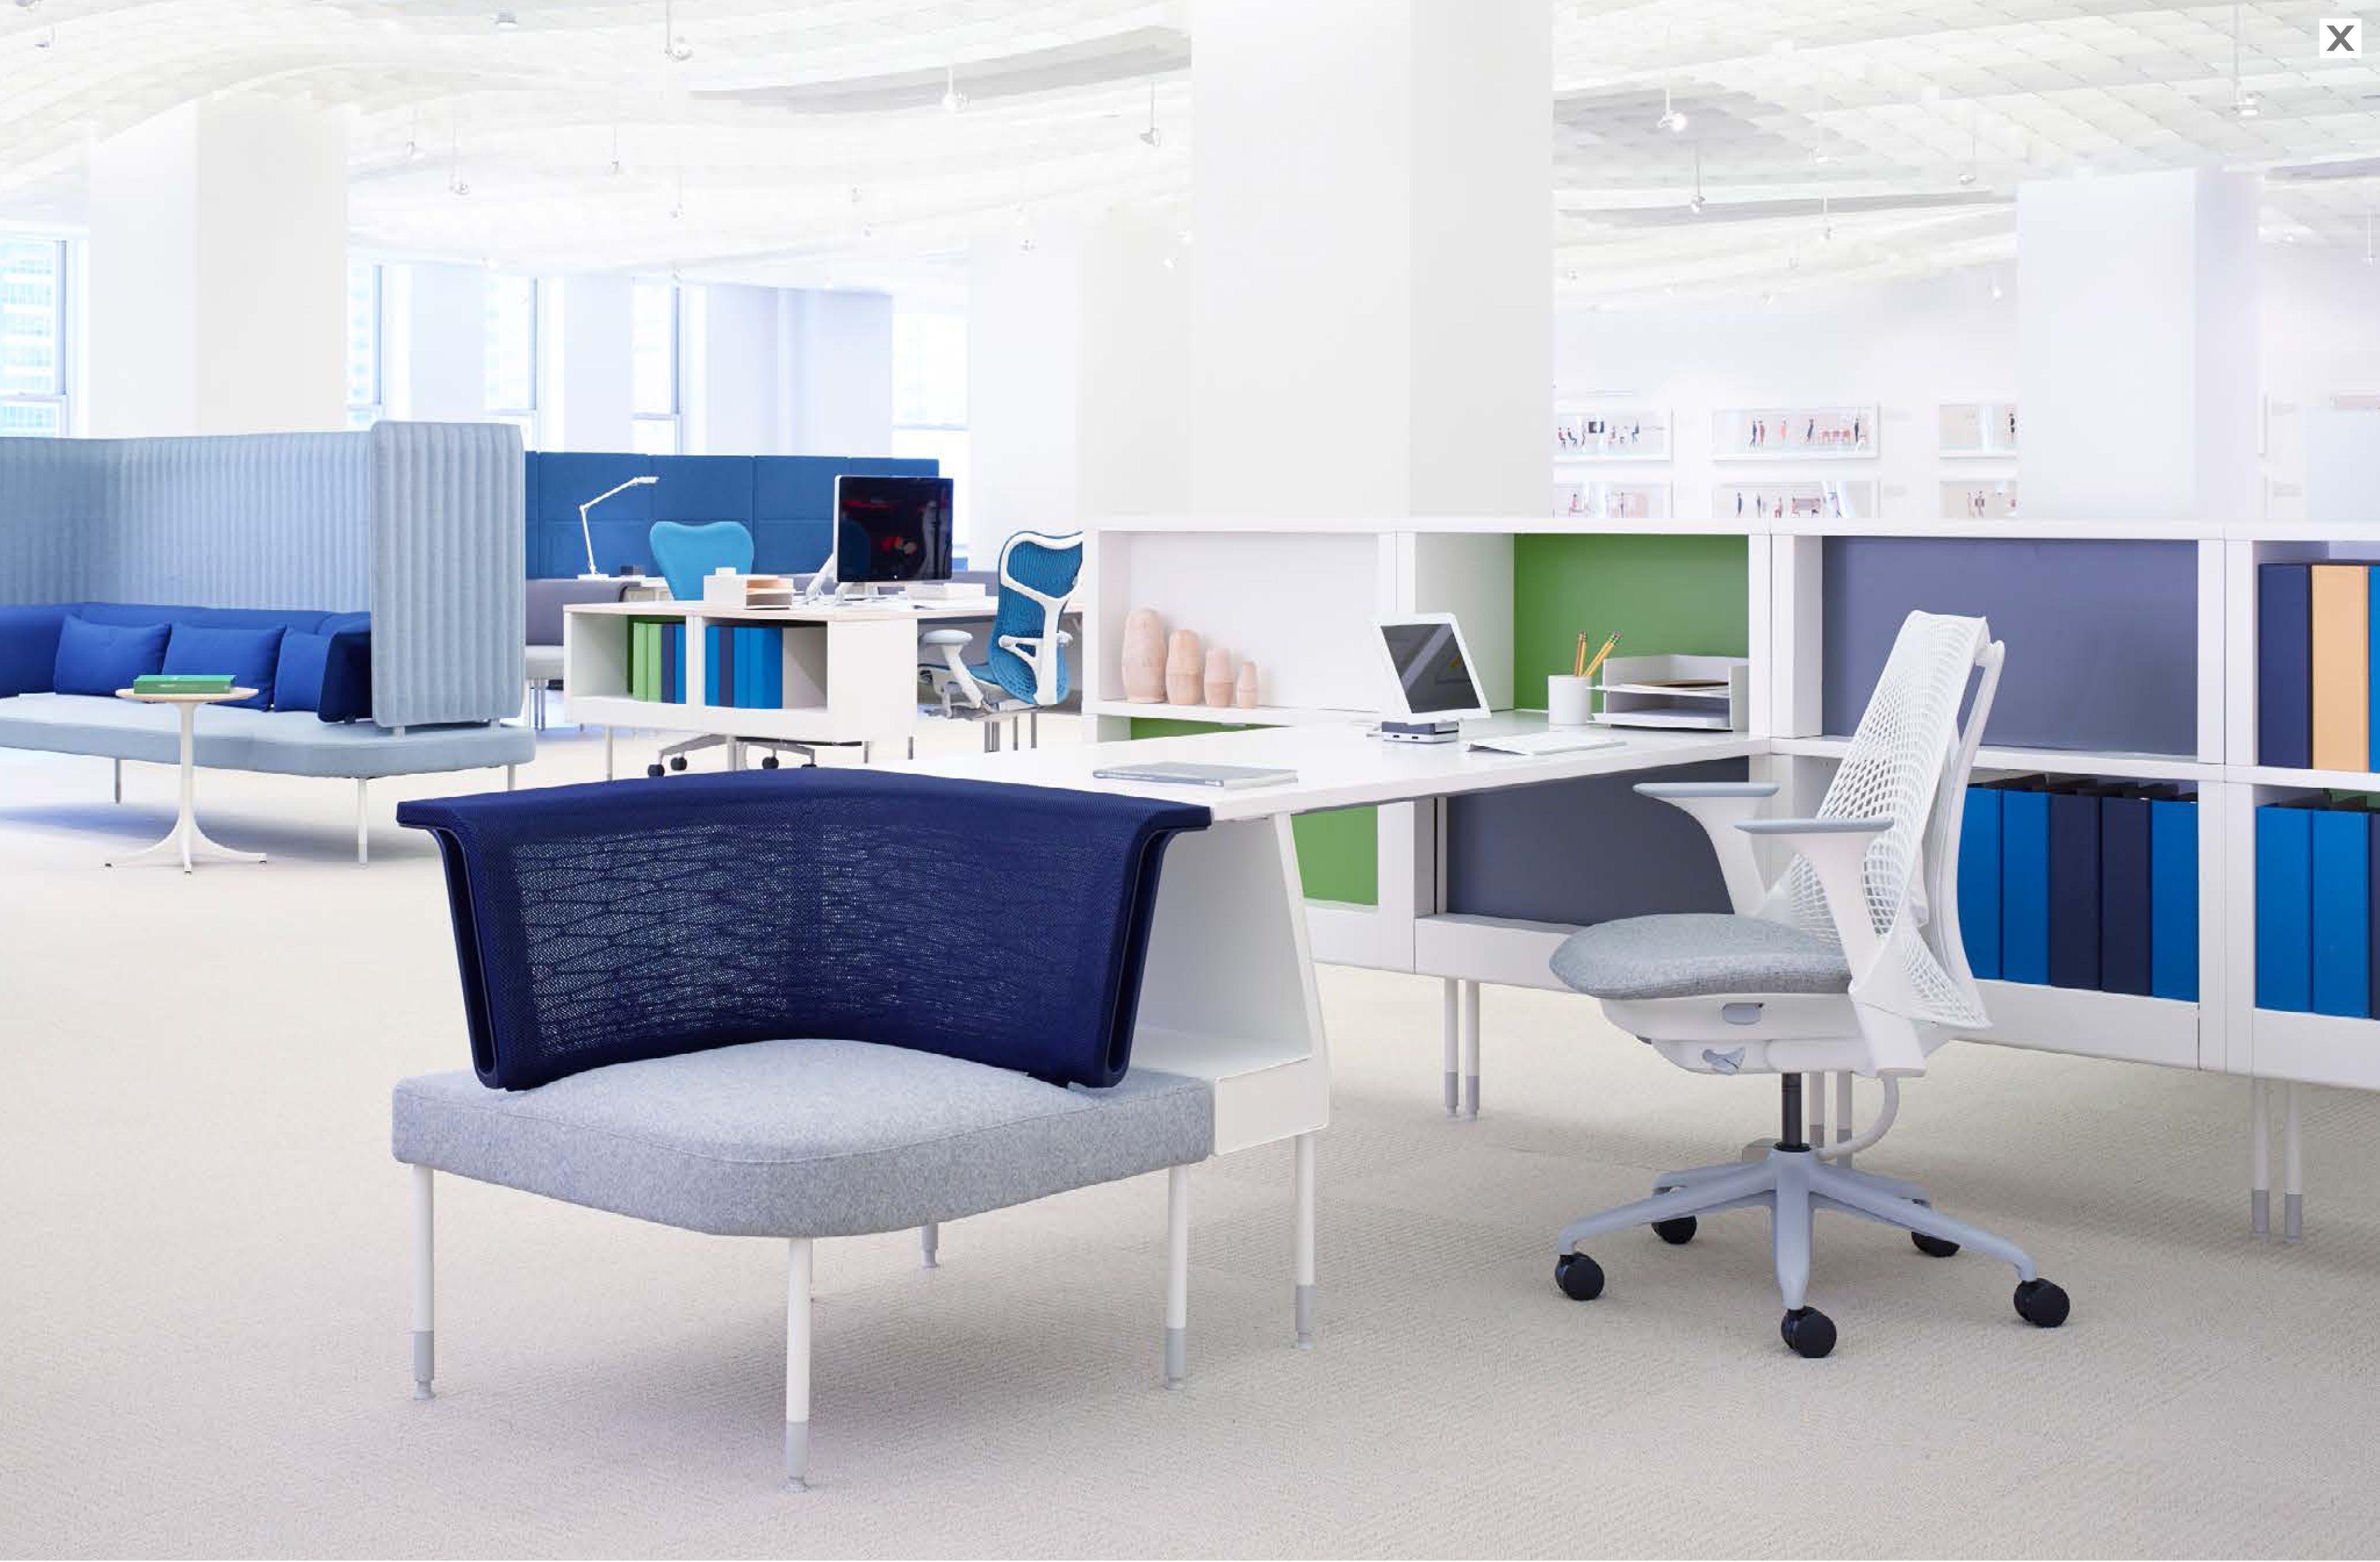 herman miller showroom by bringing ergonomic soft. Black Bedroom Furniture Sets. Home Design Ideas